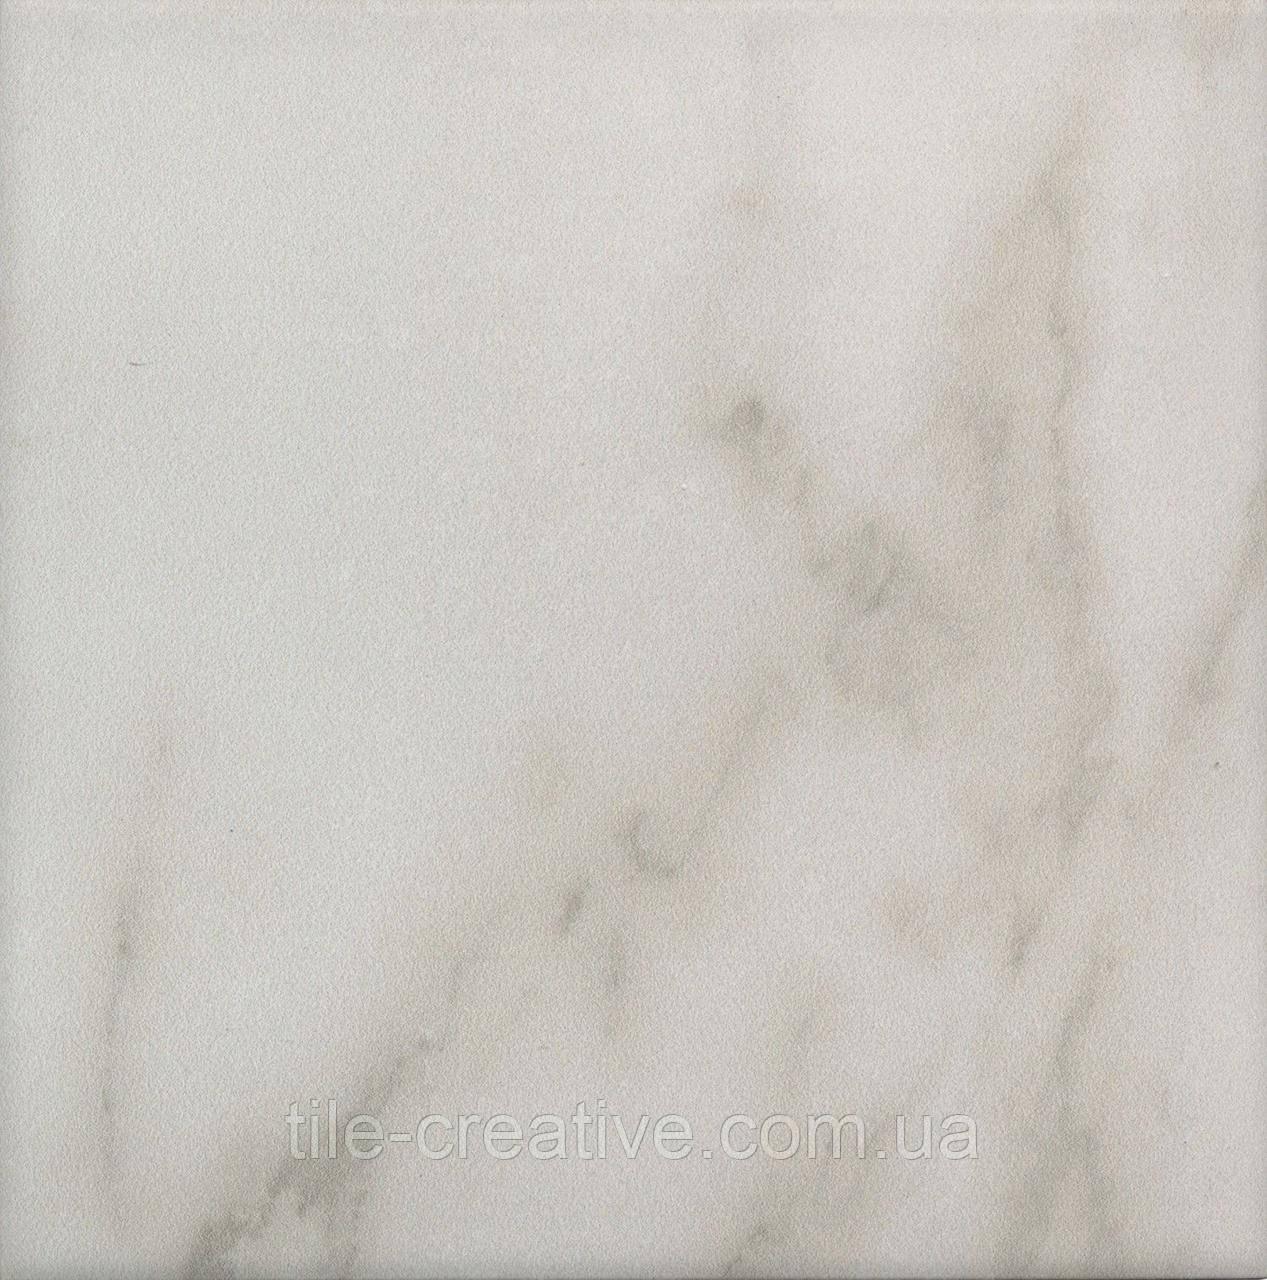 Керамічна плитка Вісконті білий 20x20x8 SG1595N